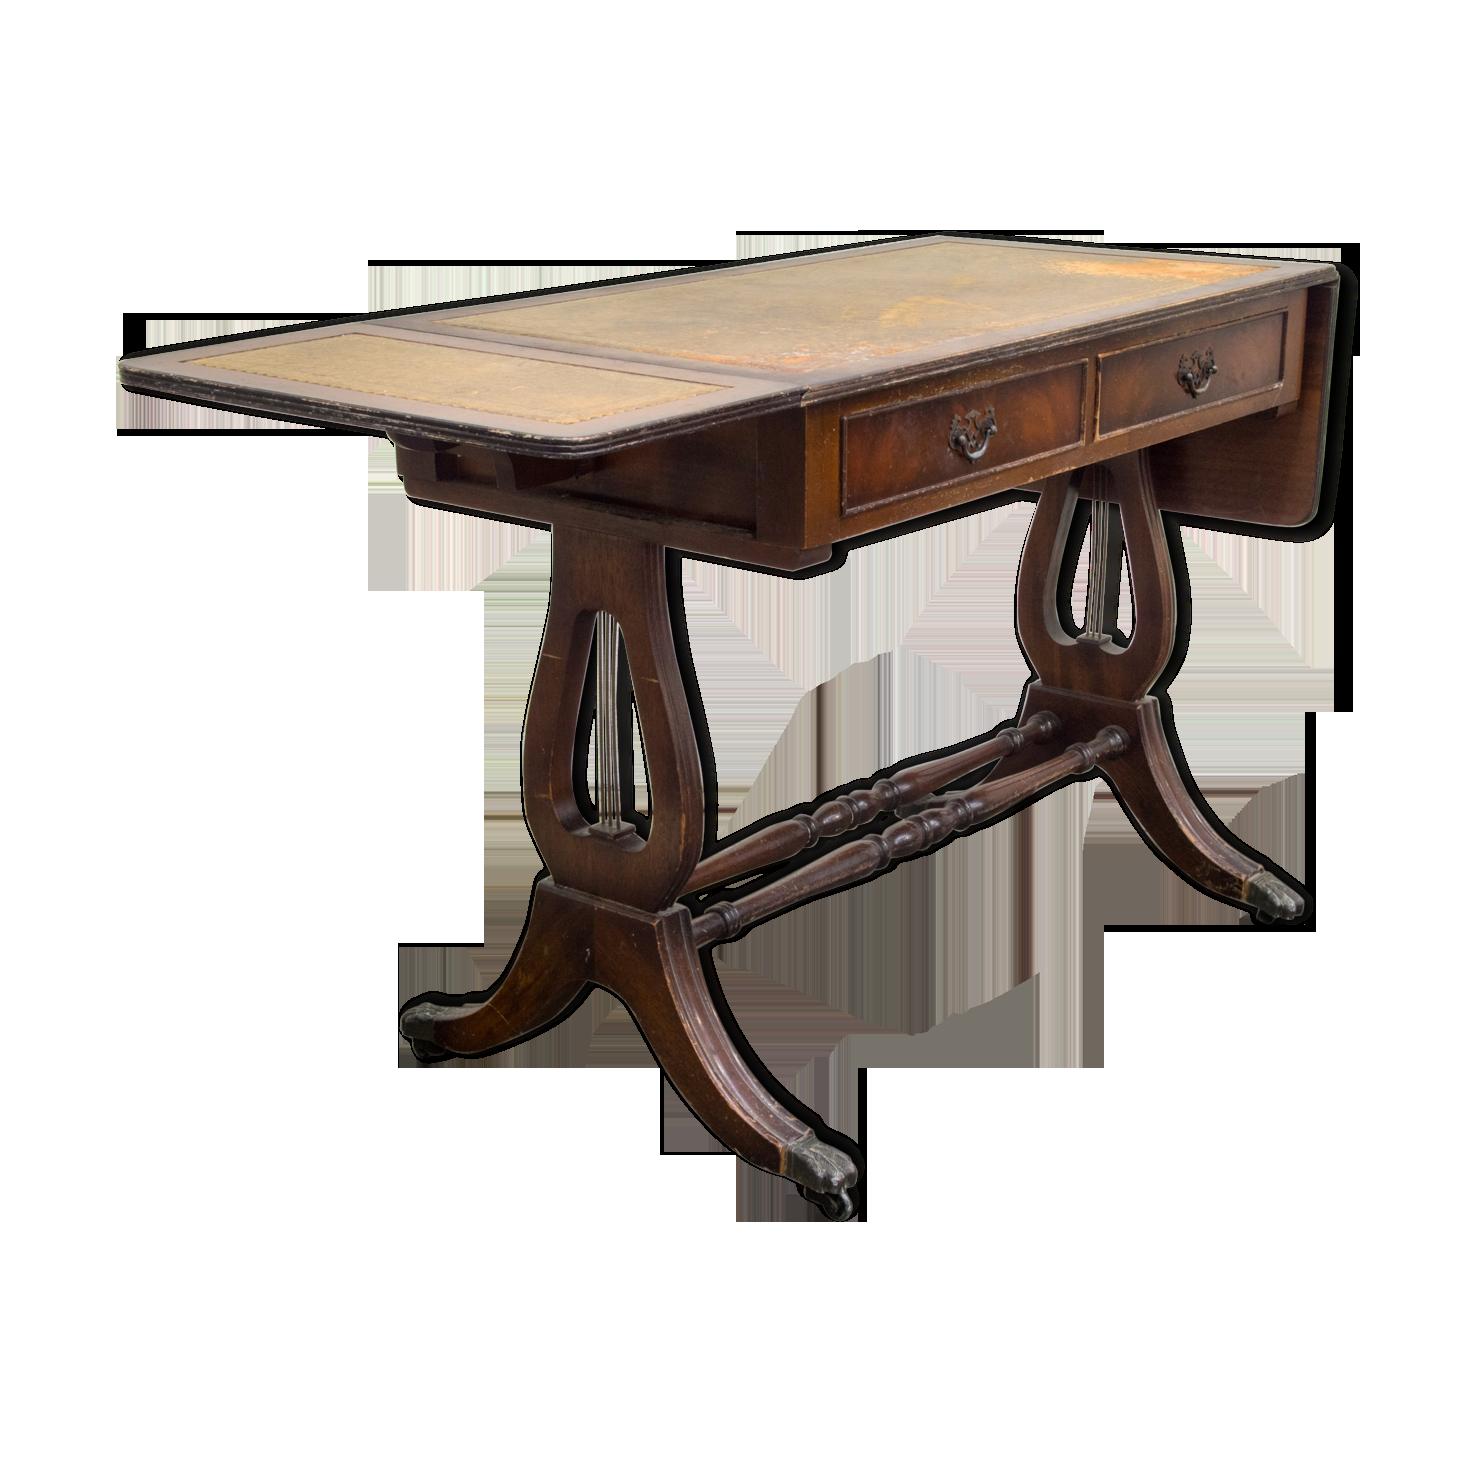 Bureau style anglais en acajou bois matériau bois couleur